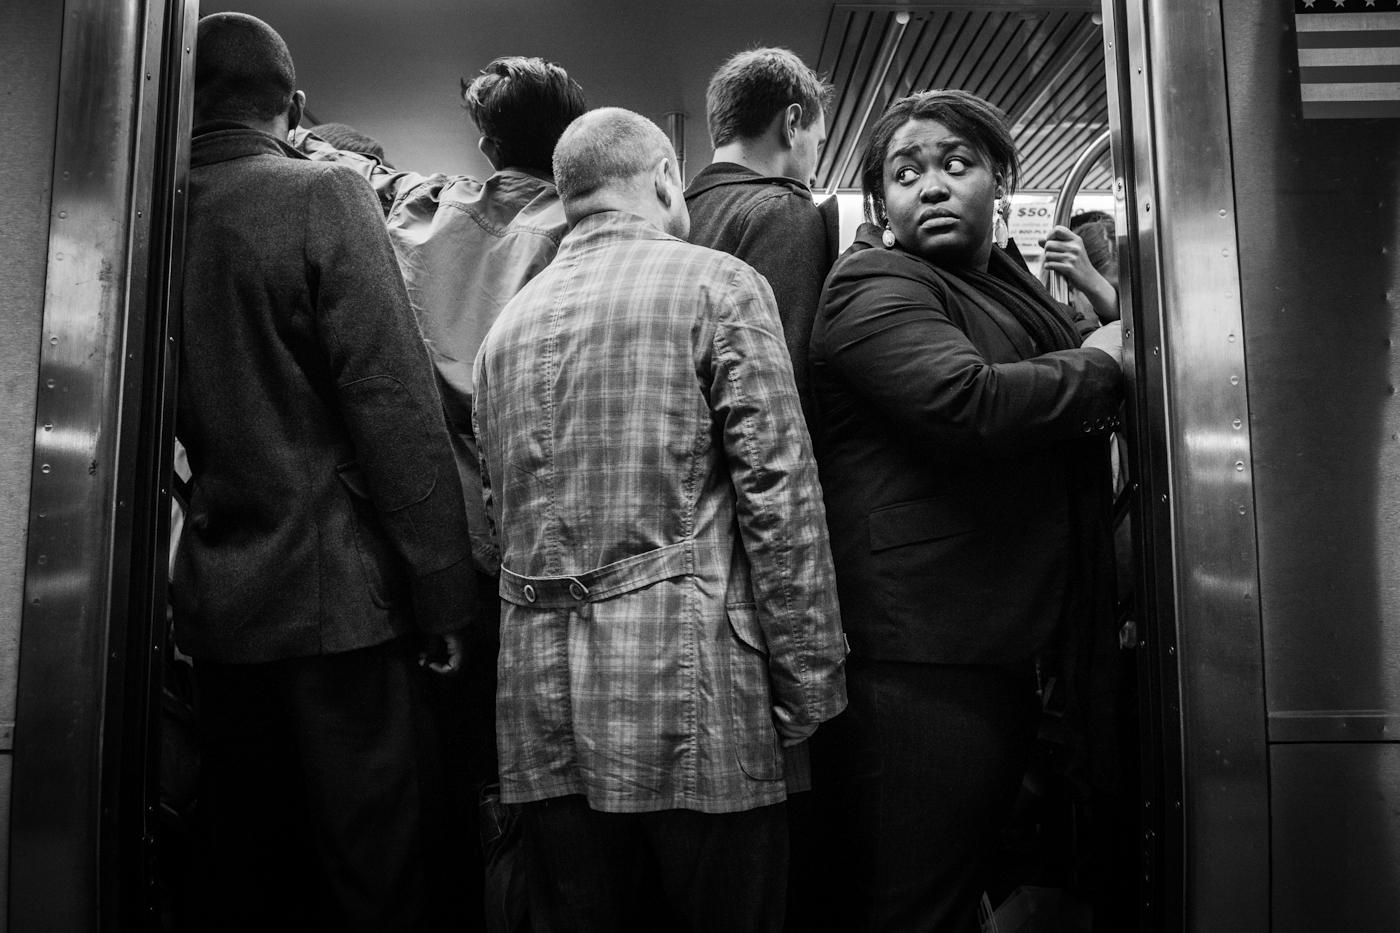 Subways-1.jpg